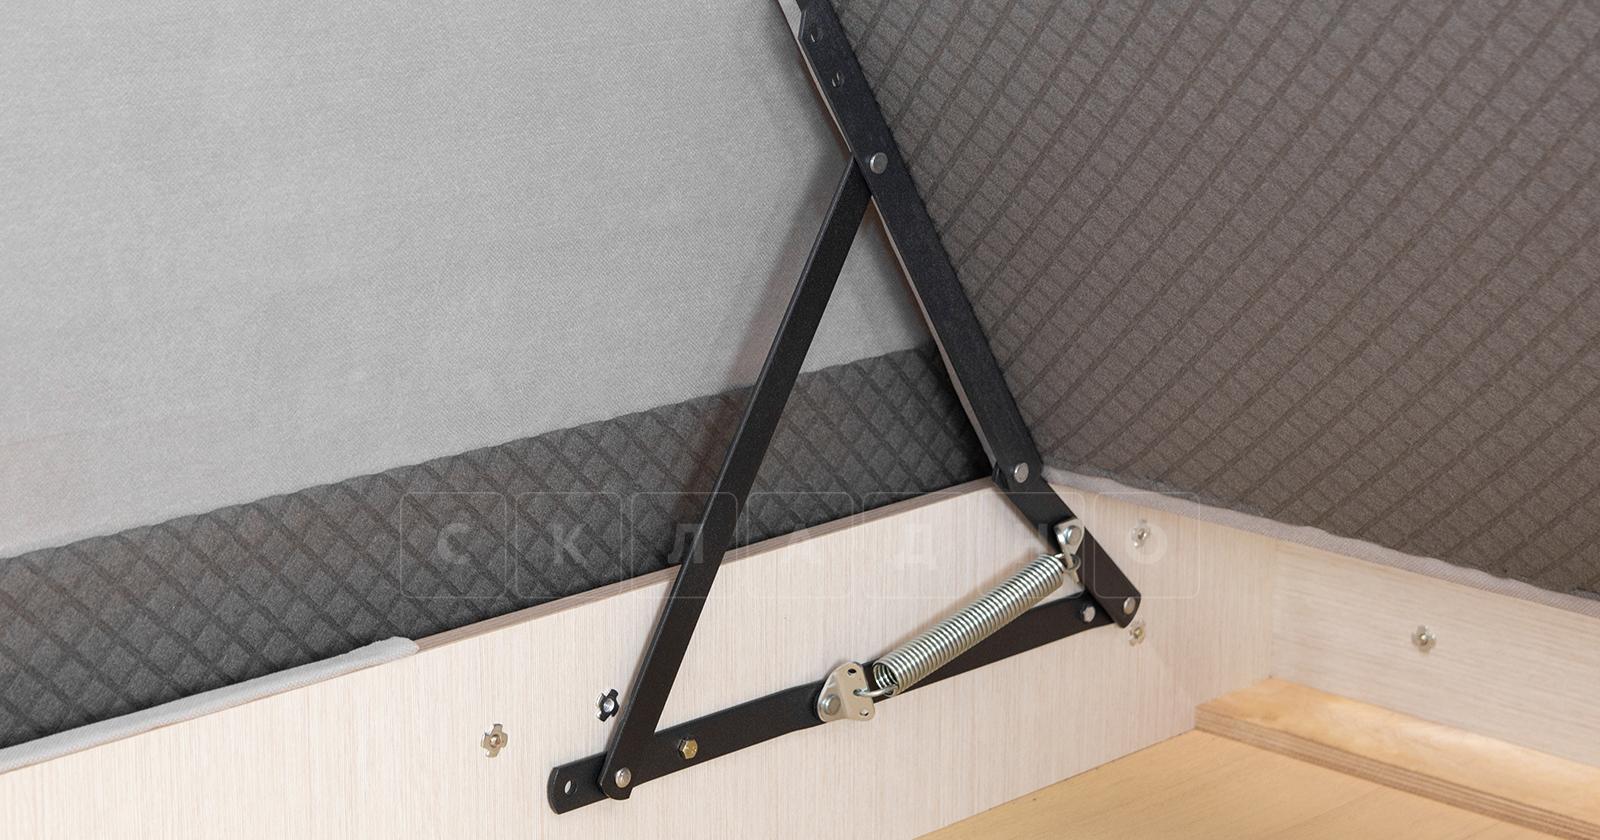 Диван-кровать угловой Флэтфорд светло-серый фото 15 | интернет-магазин Складно